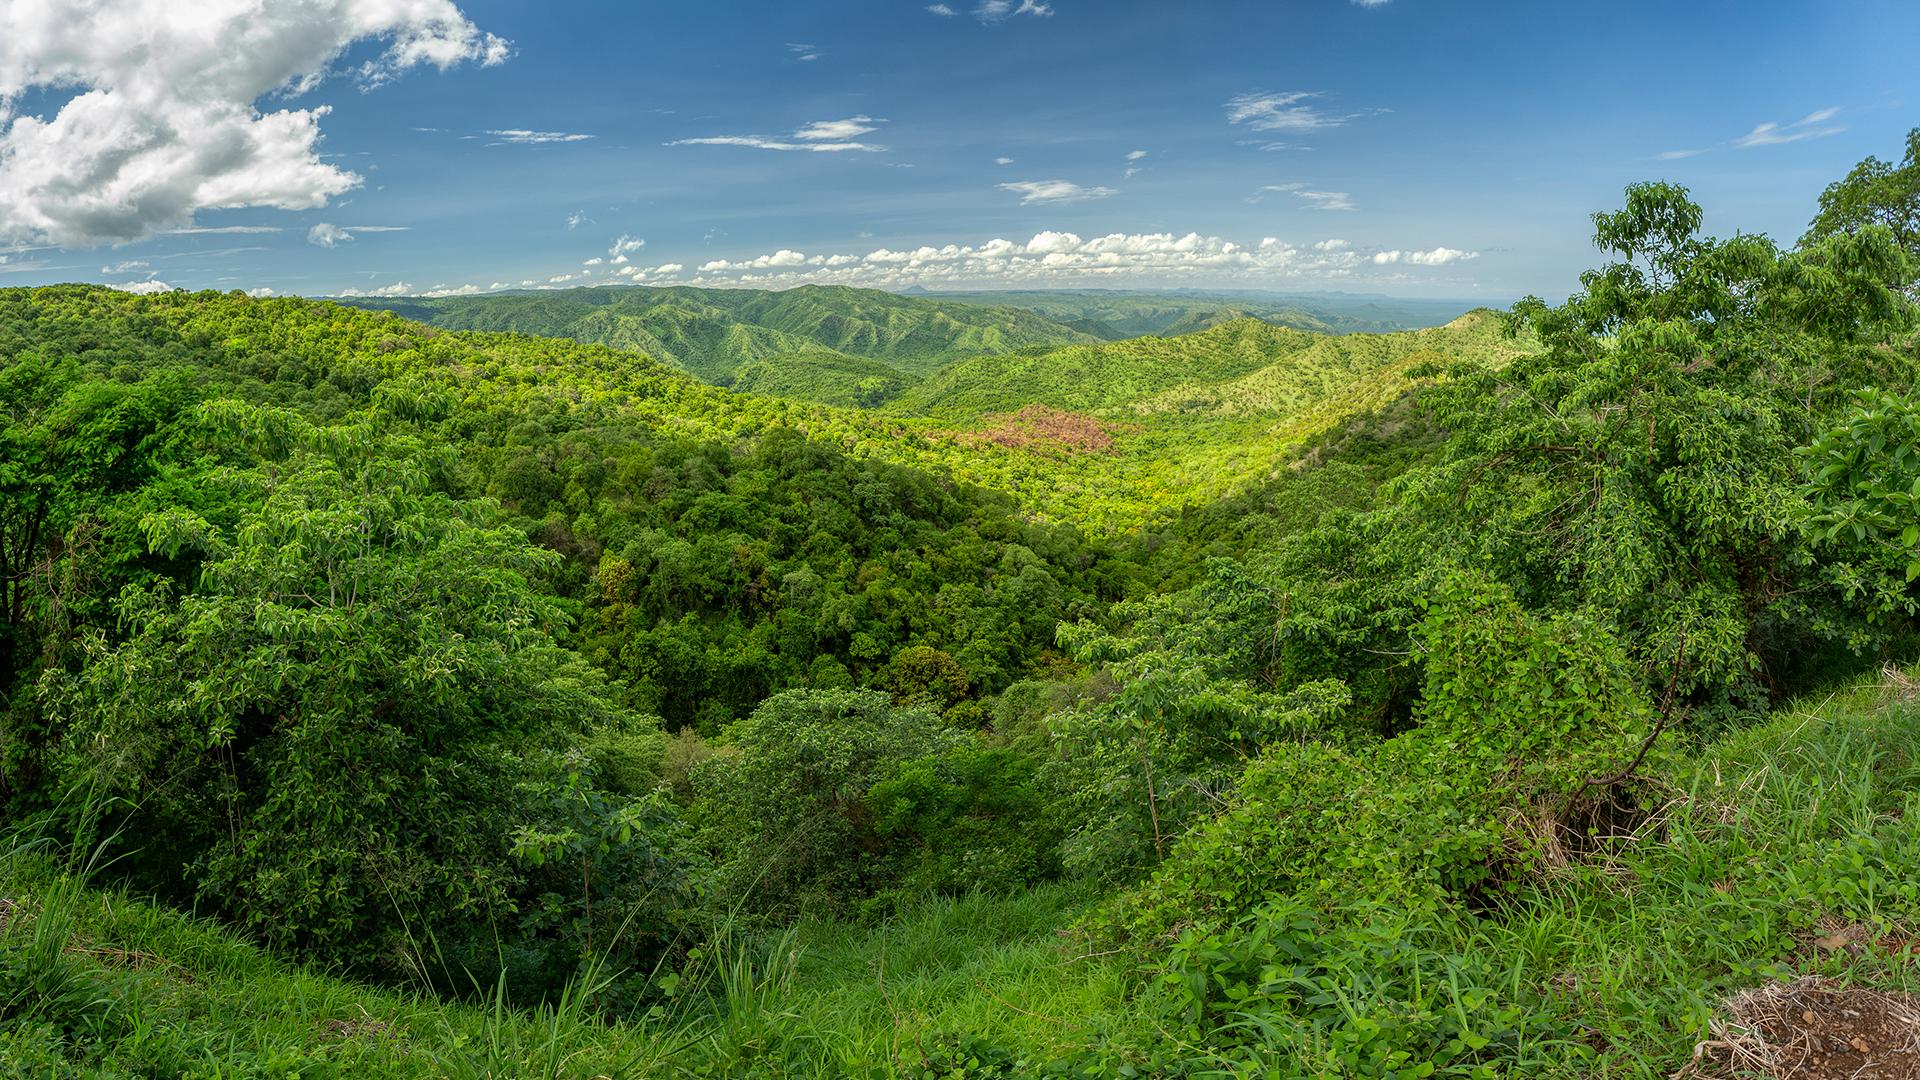 Omo Valley